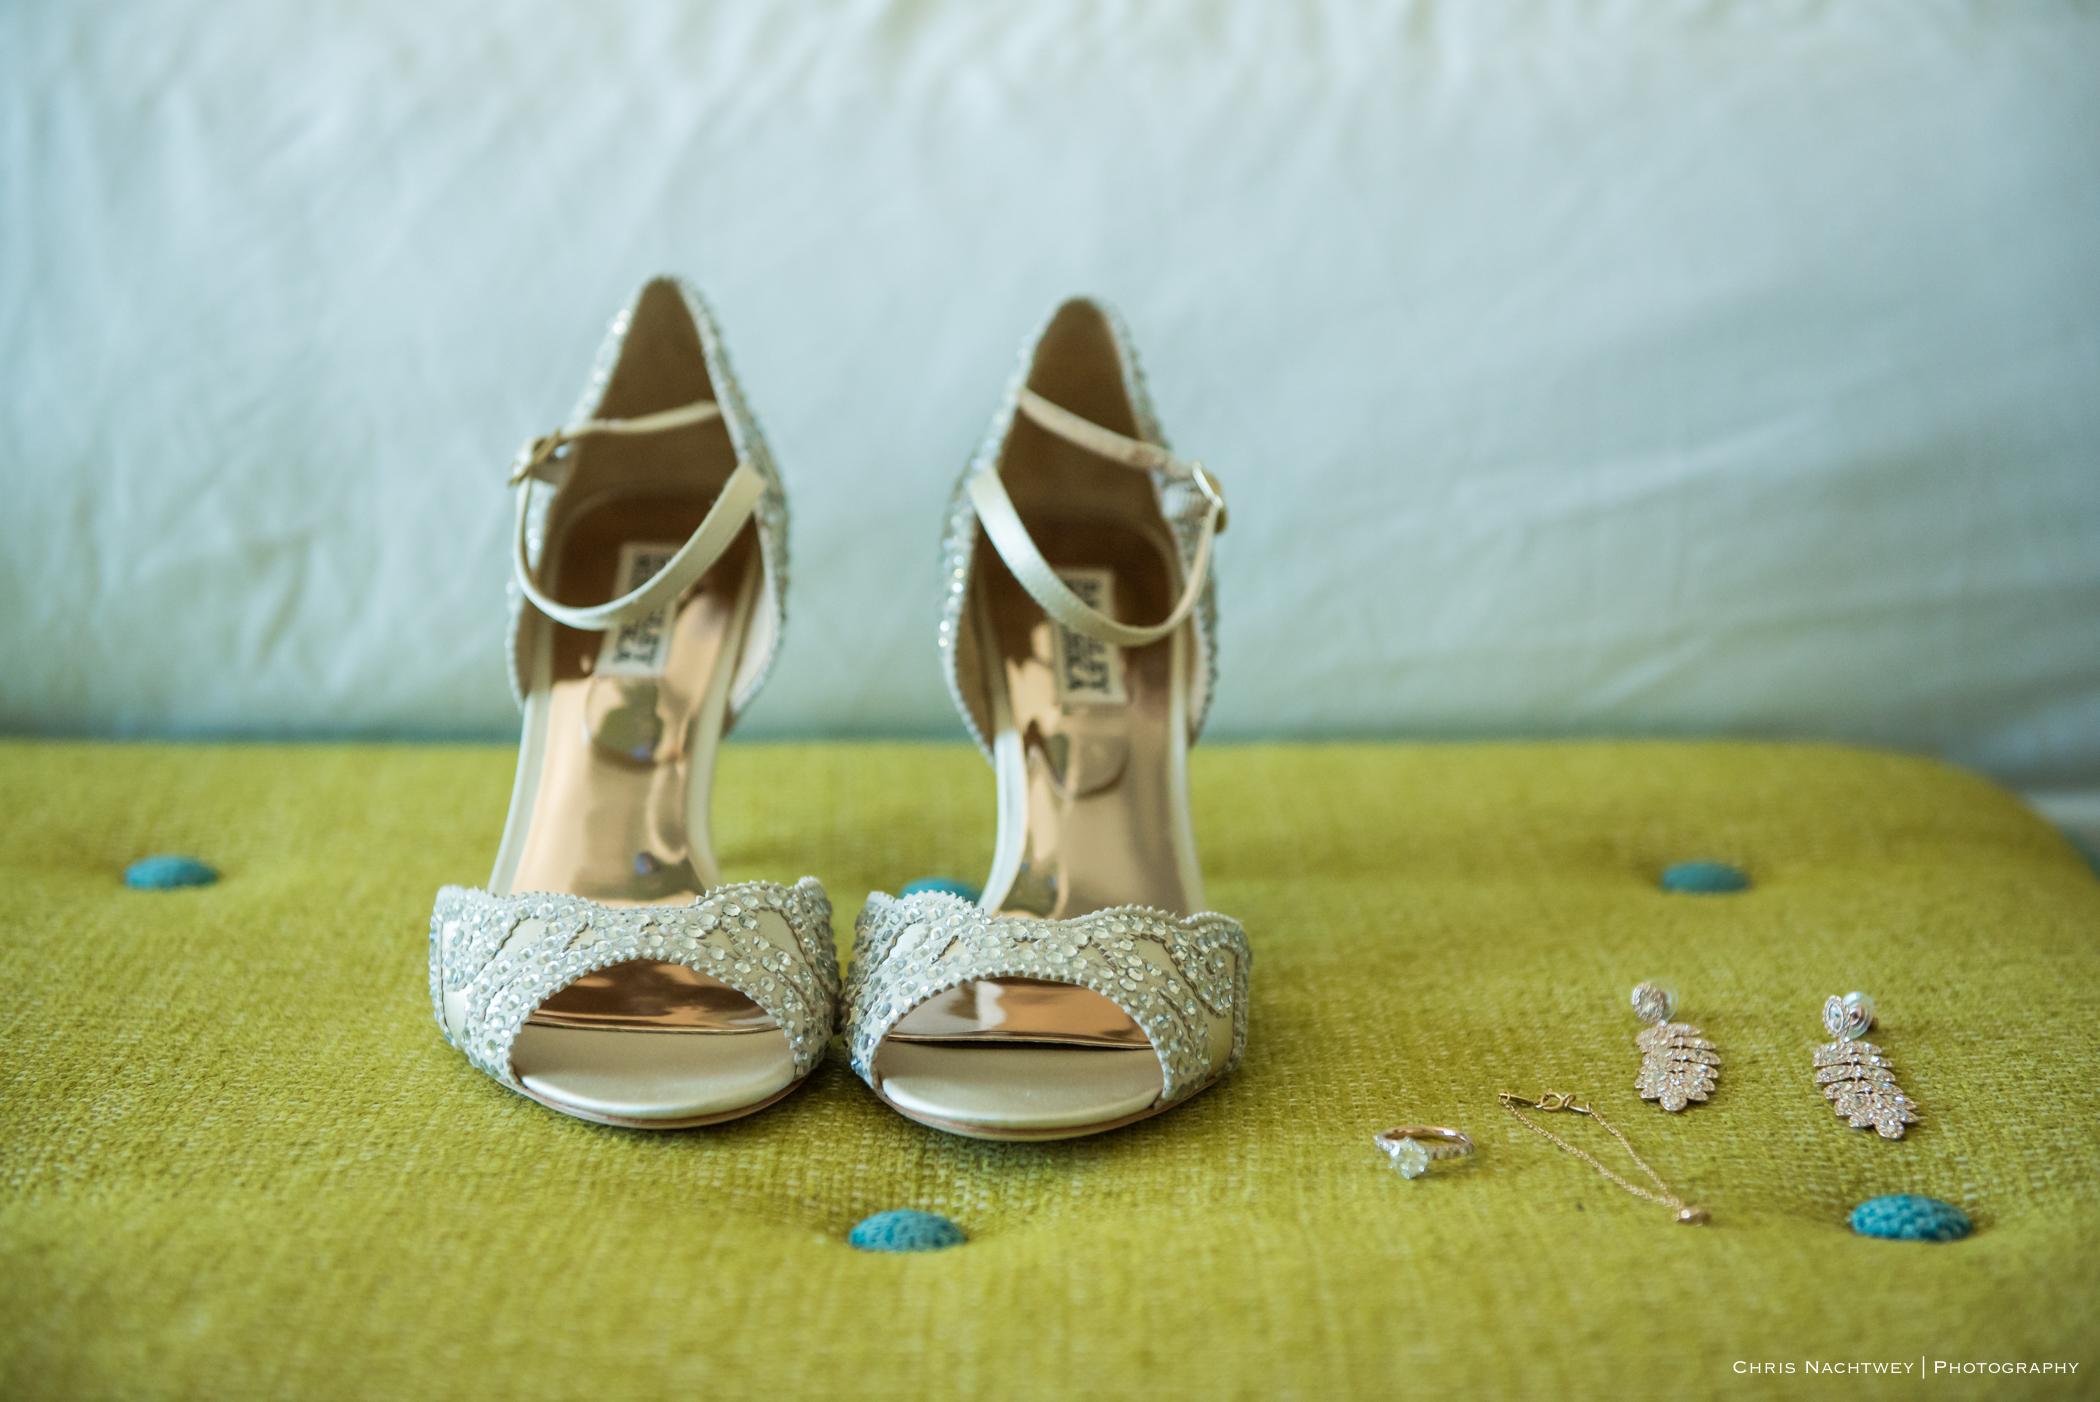 lauren-shaun-the-towers-ri-wedding-chris-nachtwey-photography-2017-7.jpg